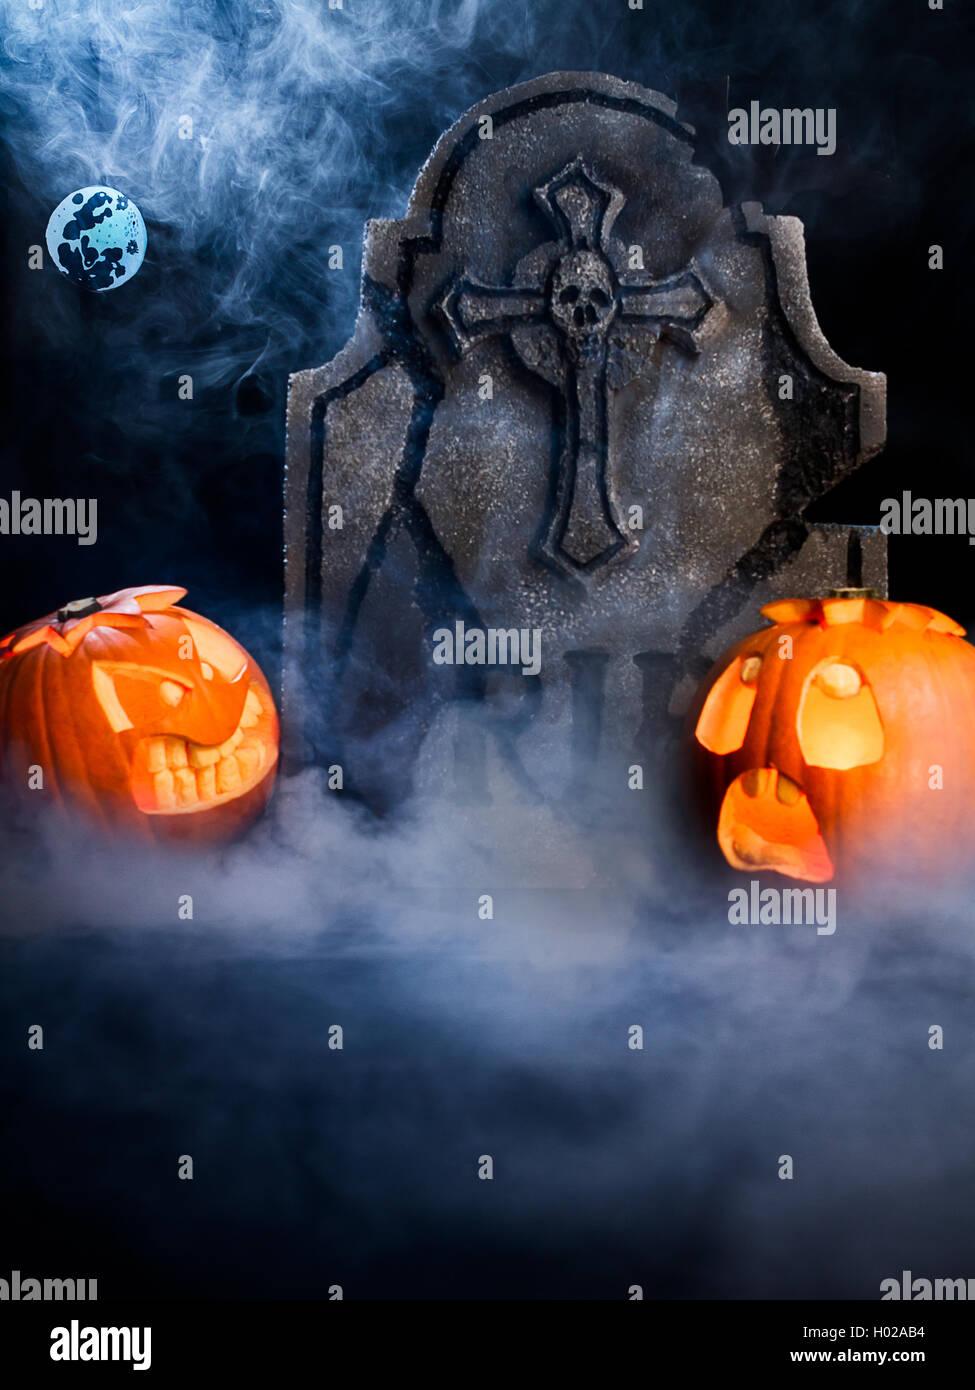 Enojo y miedo cara de Halloween calabazas con luna, desechar y bat de misty fondo oscuro. Foto de stock